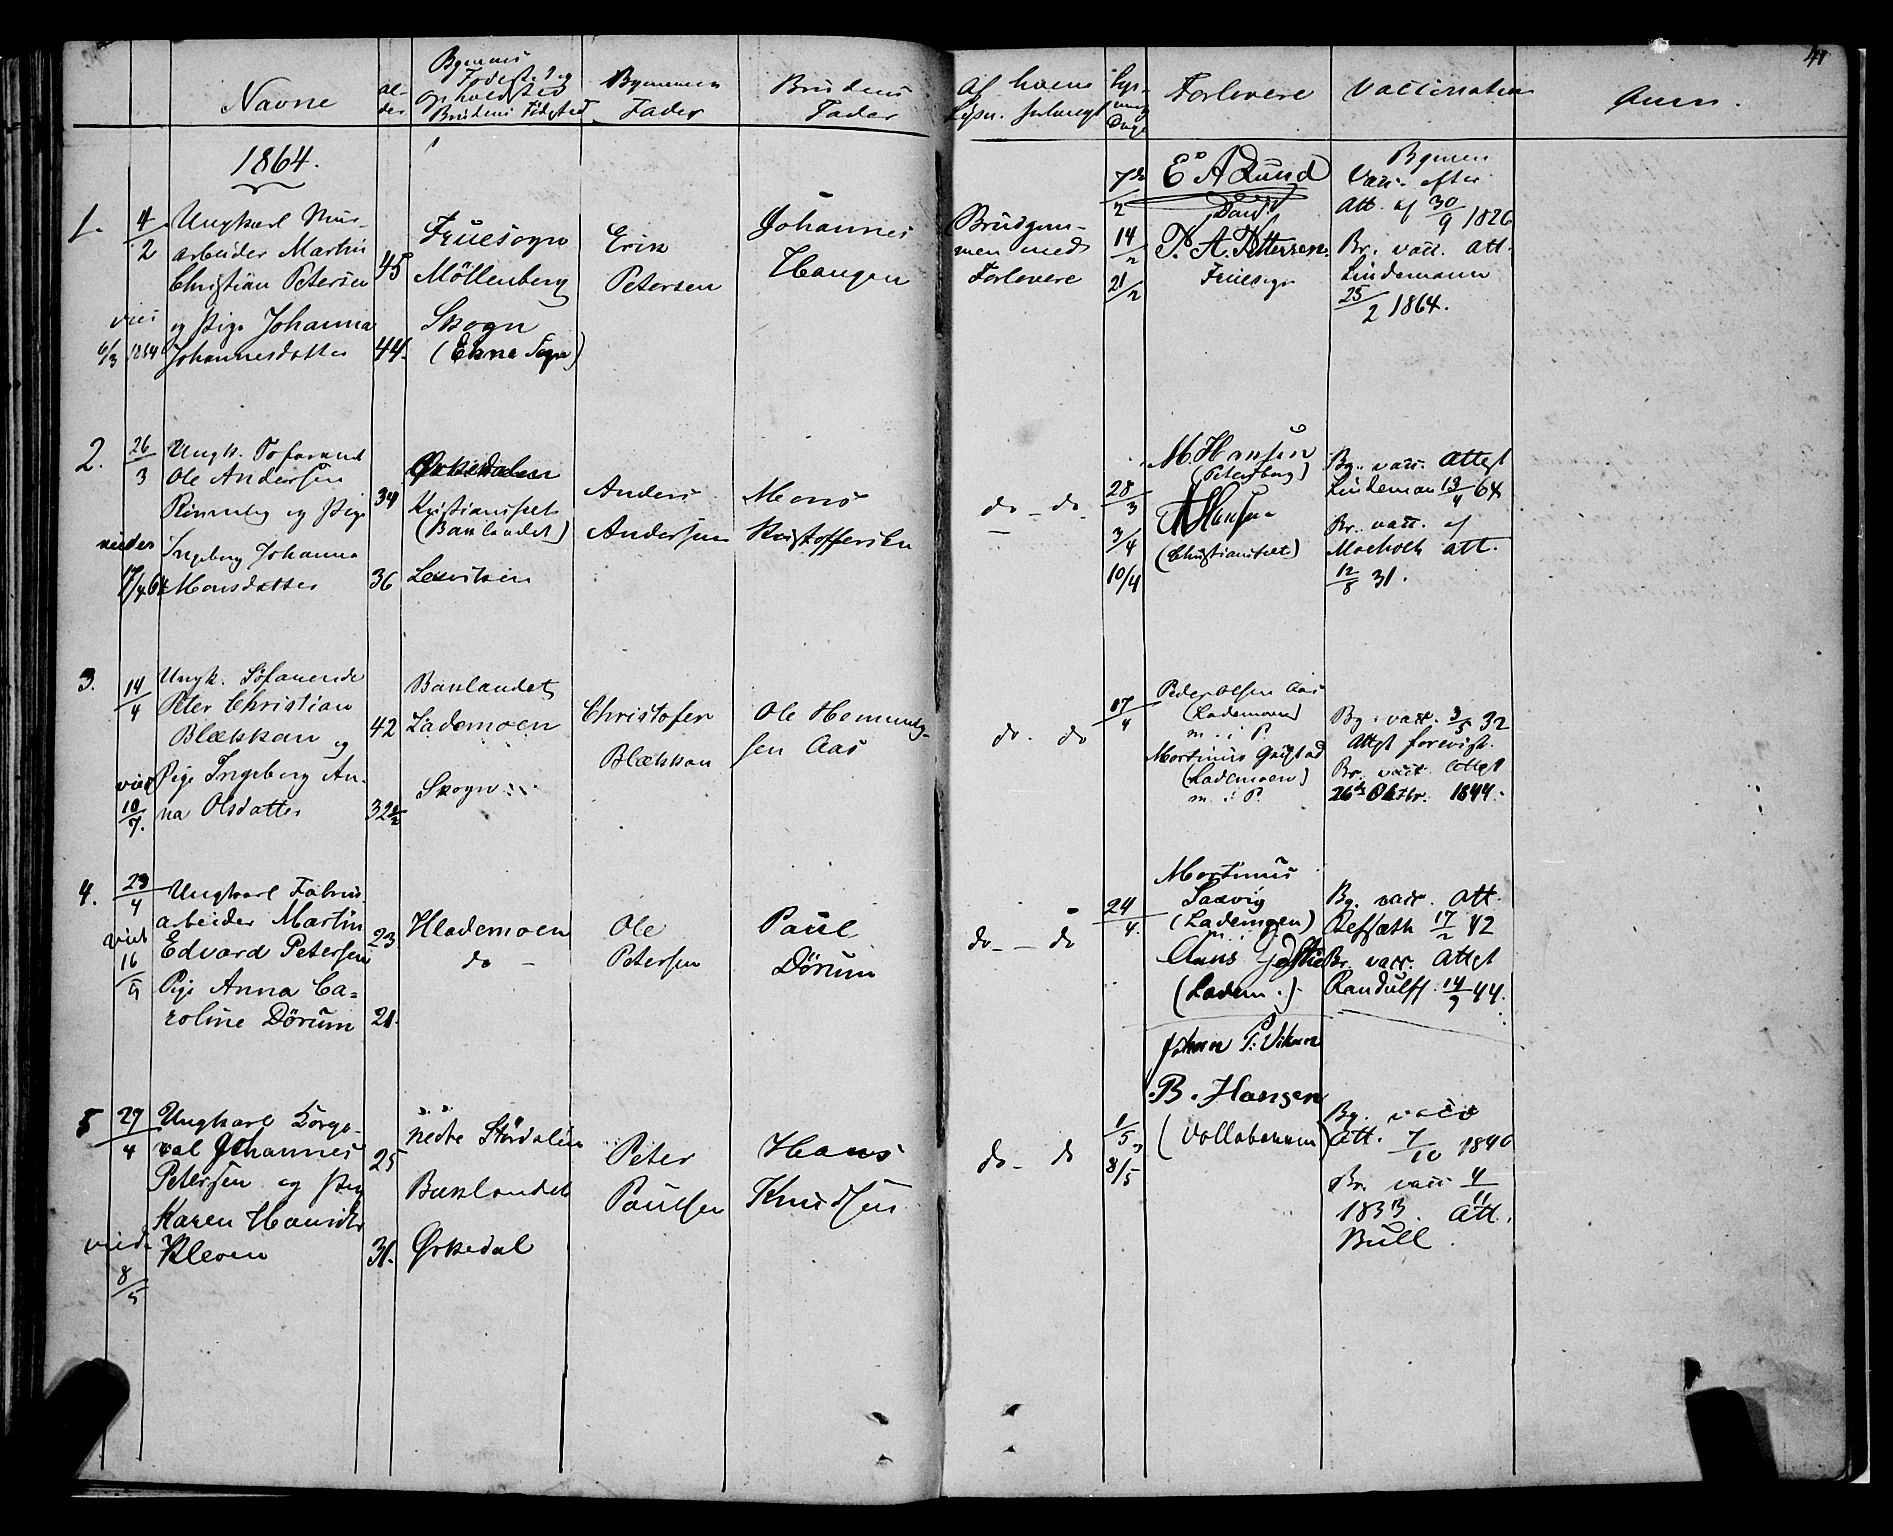 SAT, Ministerialprotokoller, klokkerbøker og fødselsregistre - Sør-Trøndelag, 604/L0187: Ministerialbok nr. 604A08, 1847-1878, s. 41